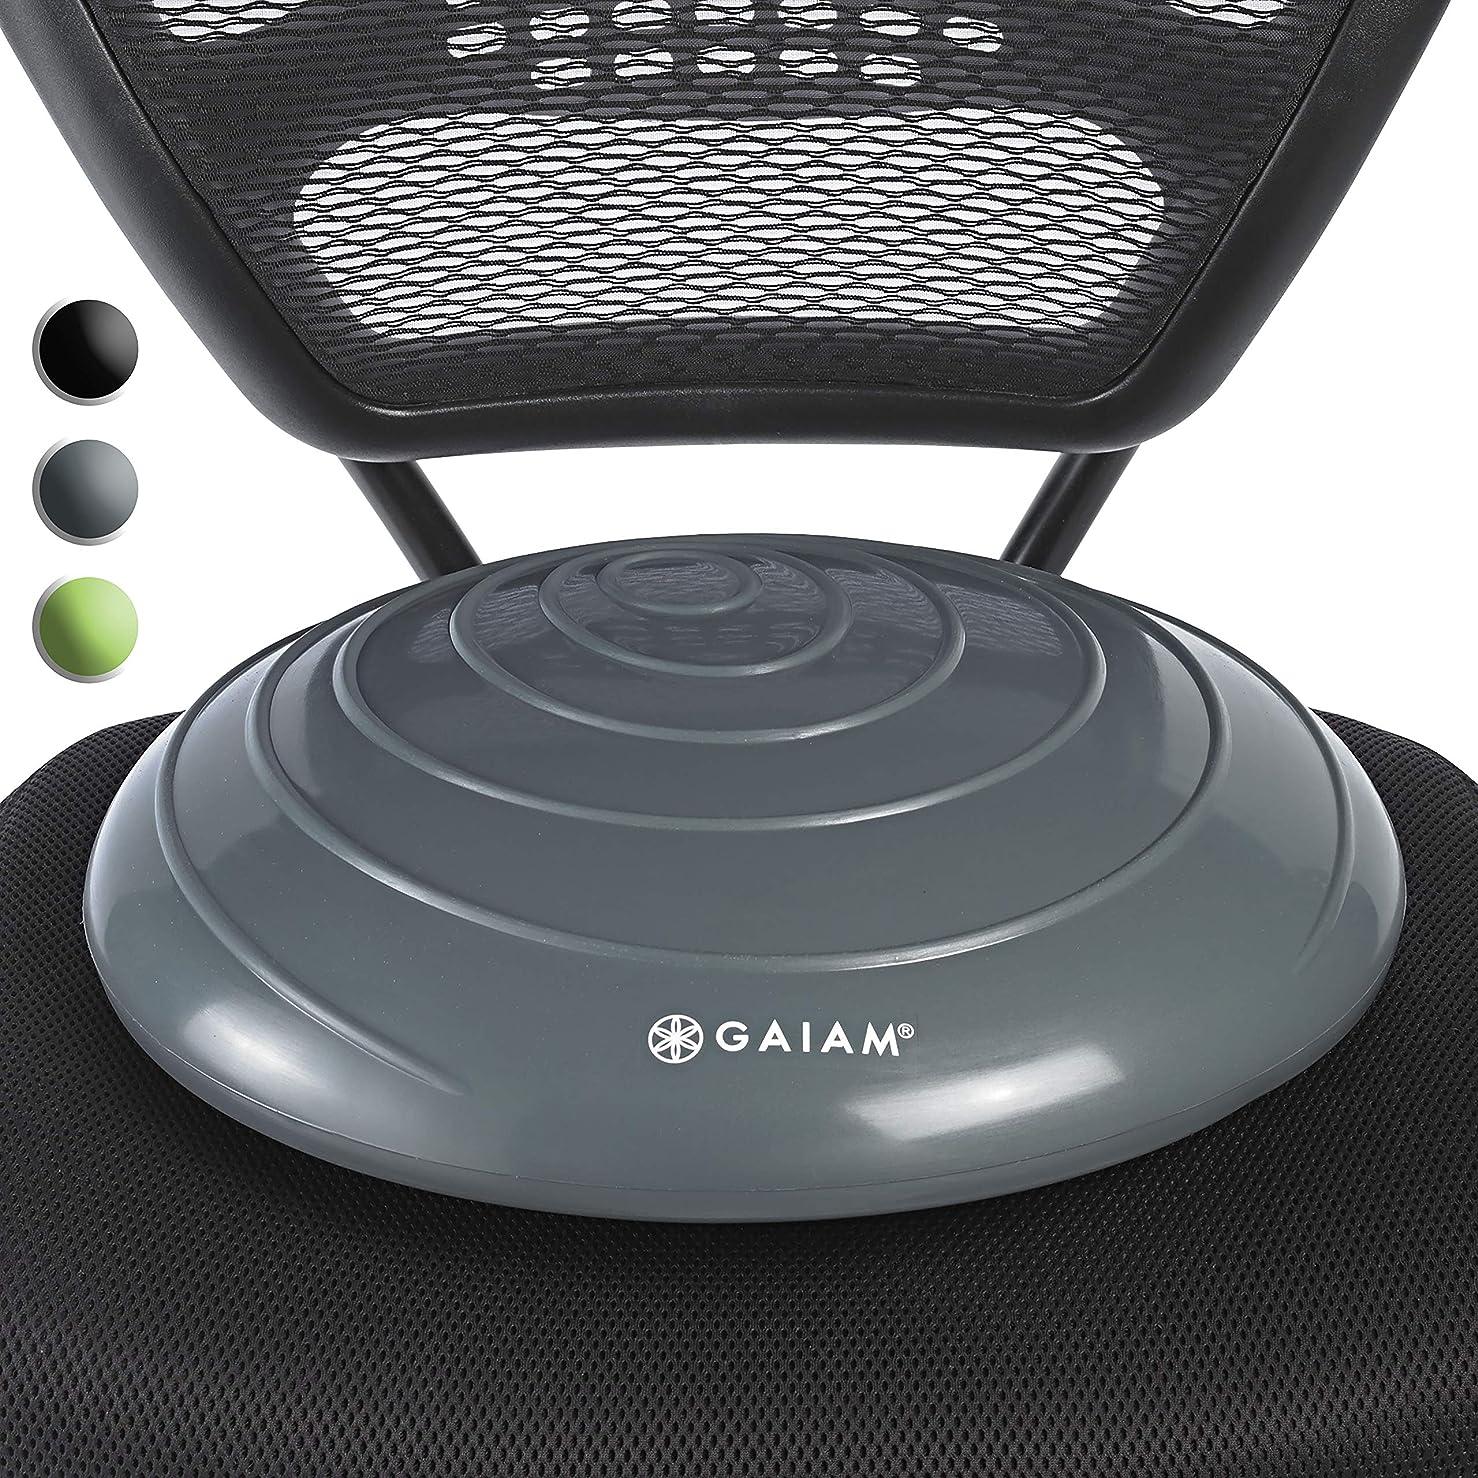 道路を作るプロセス圧縮台無しにGaiam バランスディスク 揺れるクッション 安定性 コアトレーナー 家庭 オフィス デスクチェア 子供用 代替教室 感覚 ウィグルシート